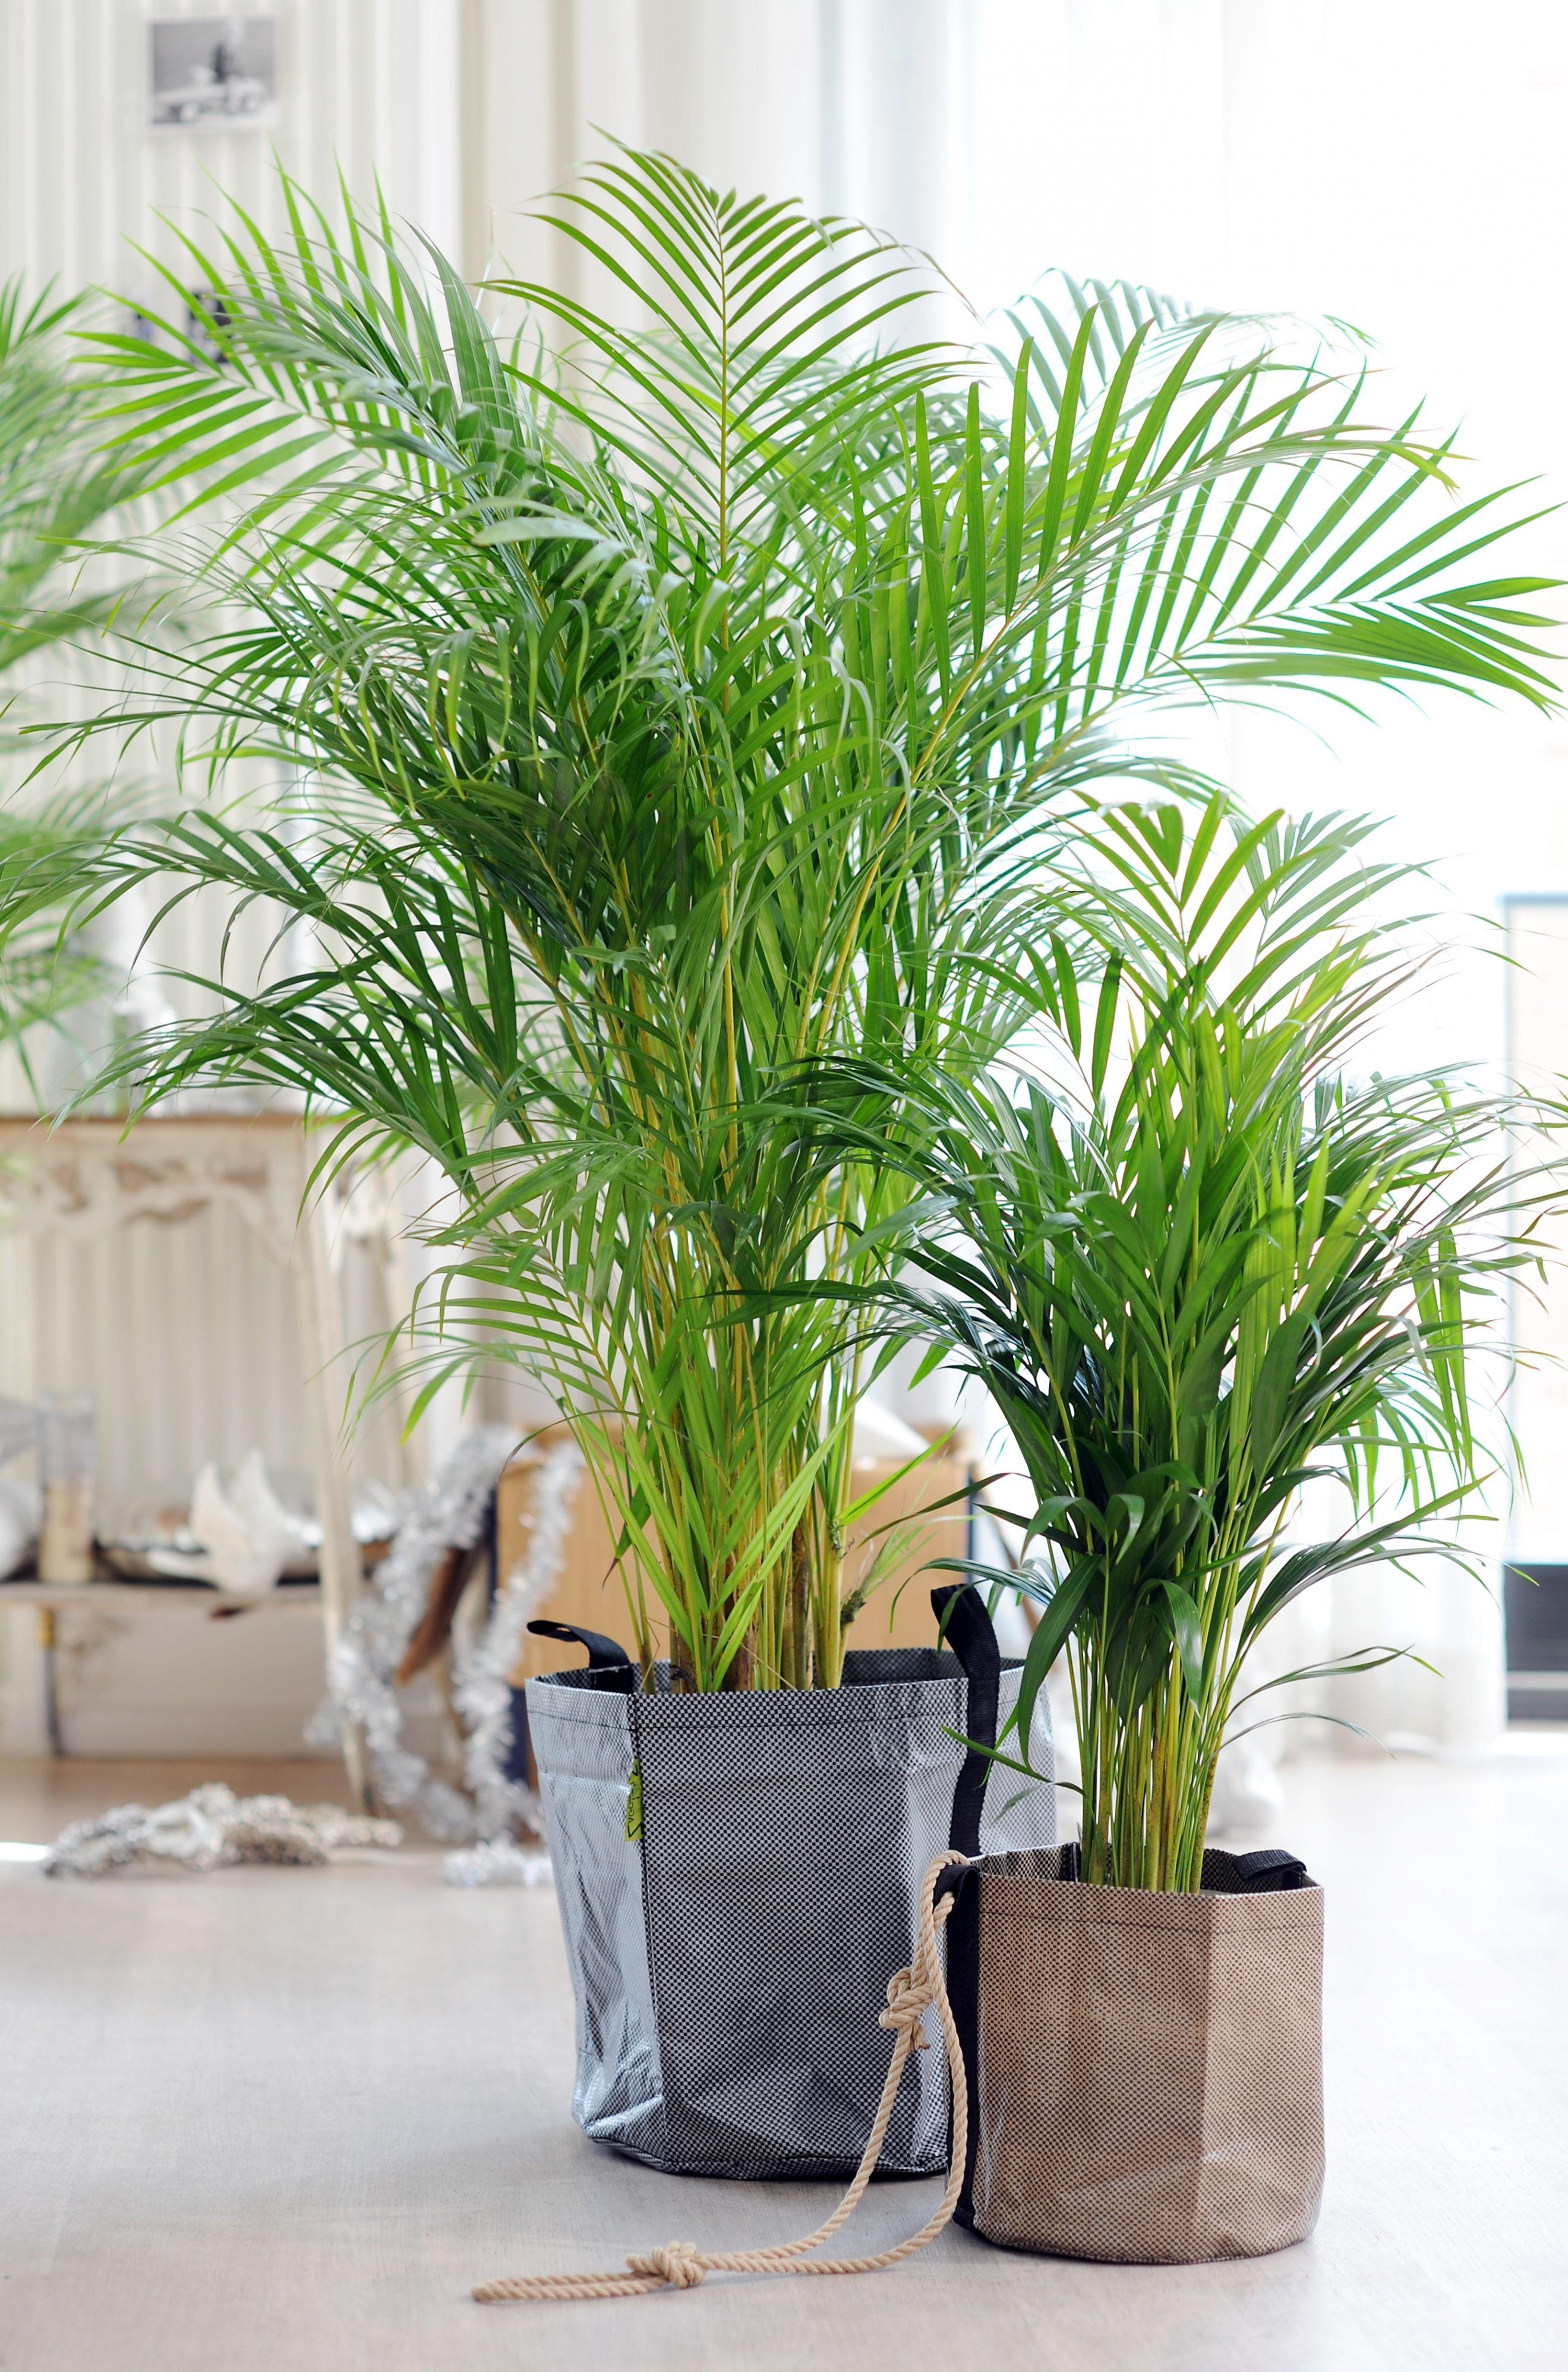 Luxus wohnzimmer pflanzen pflegeleicht wohnzimmer deko - Wohnzimmer pflanzen ...